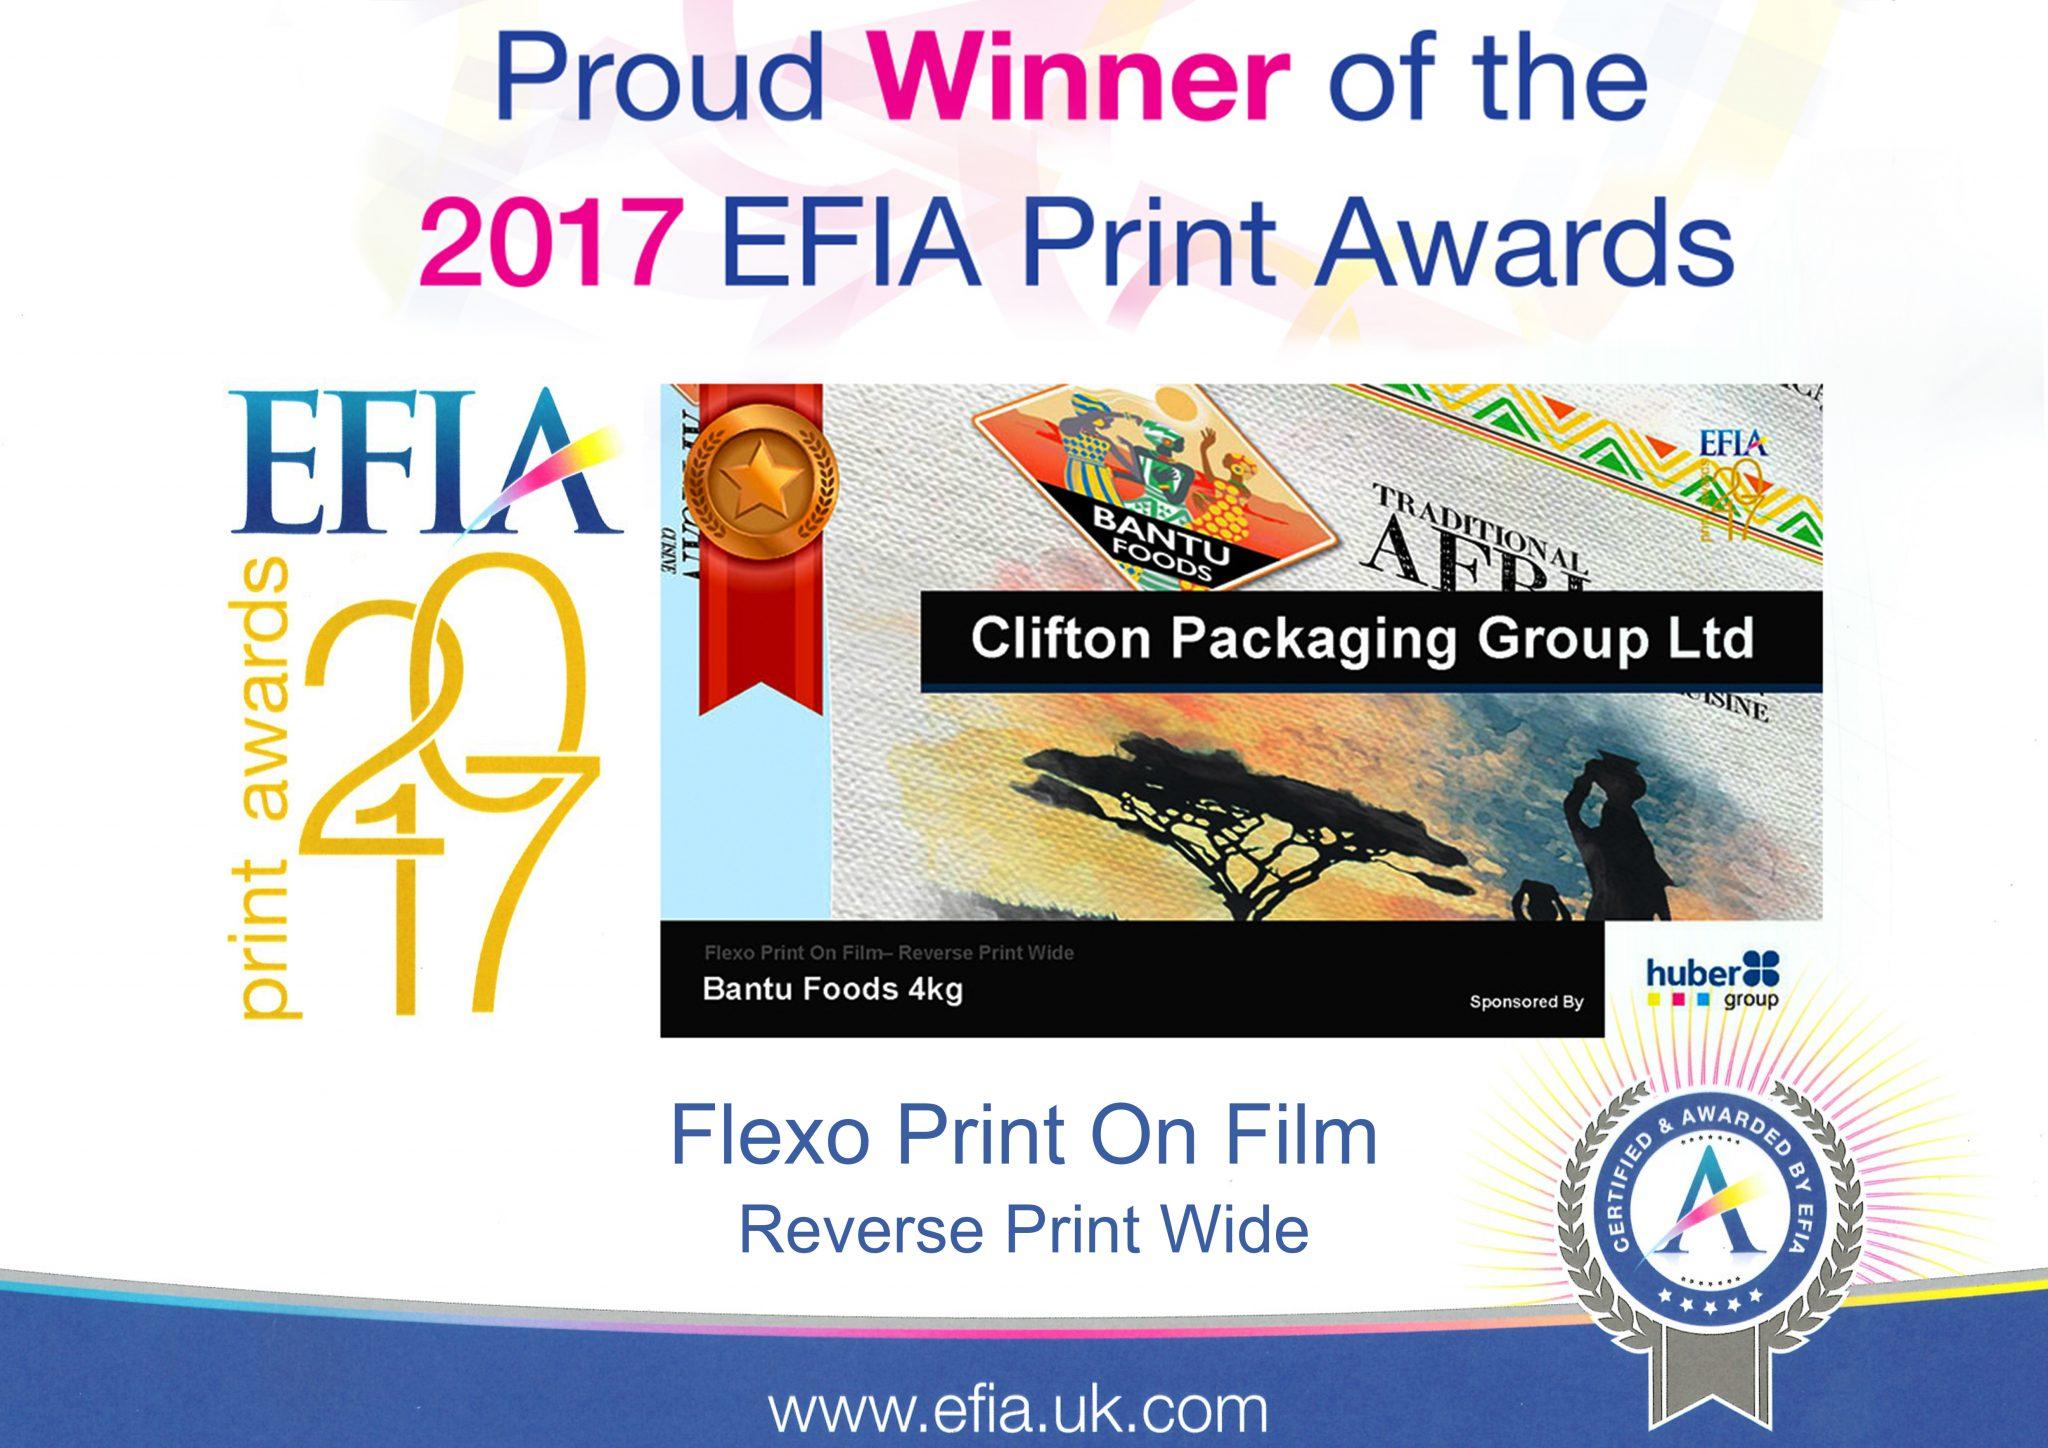 EFIA 2017 Award